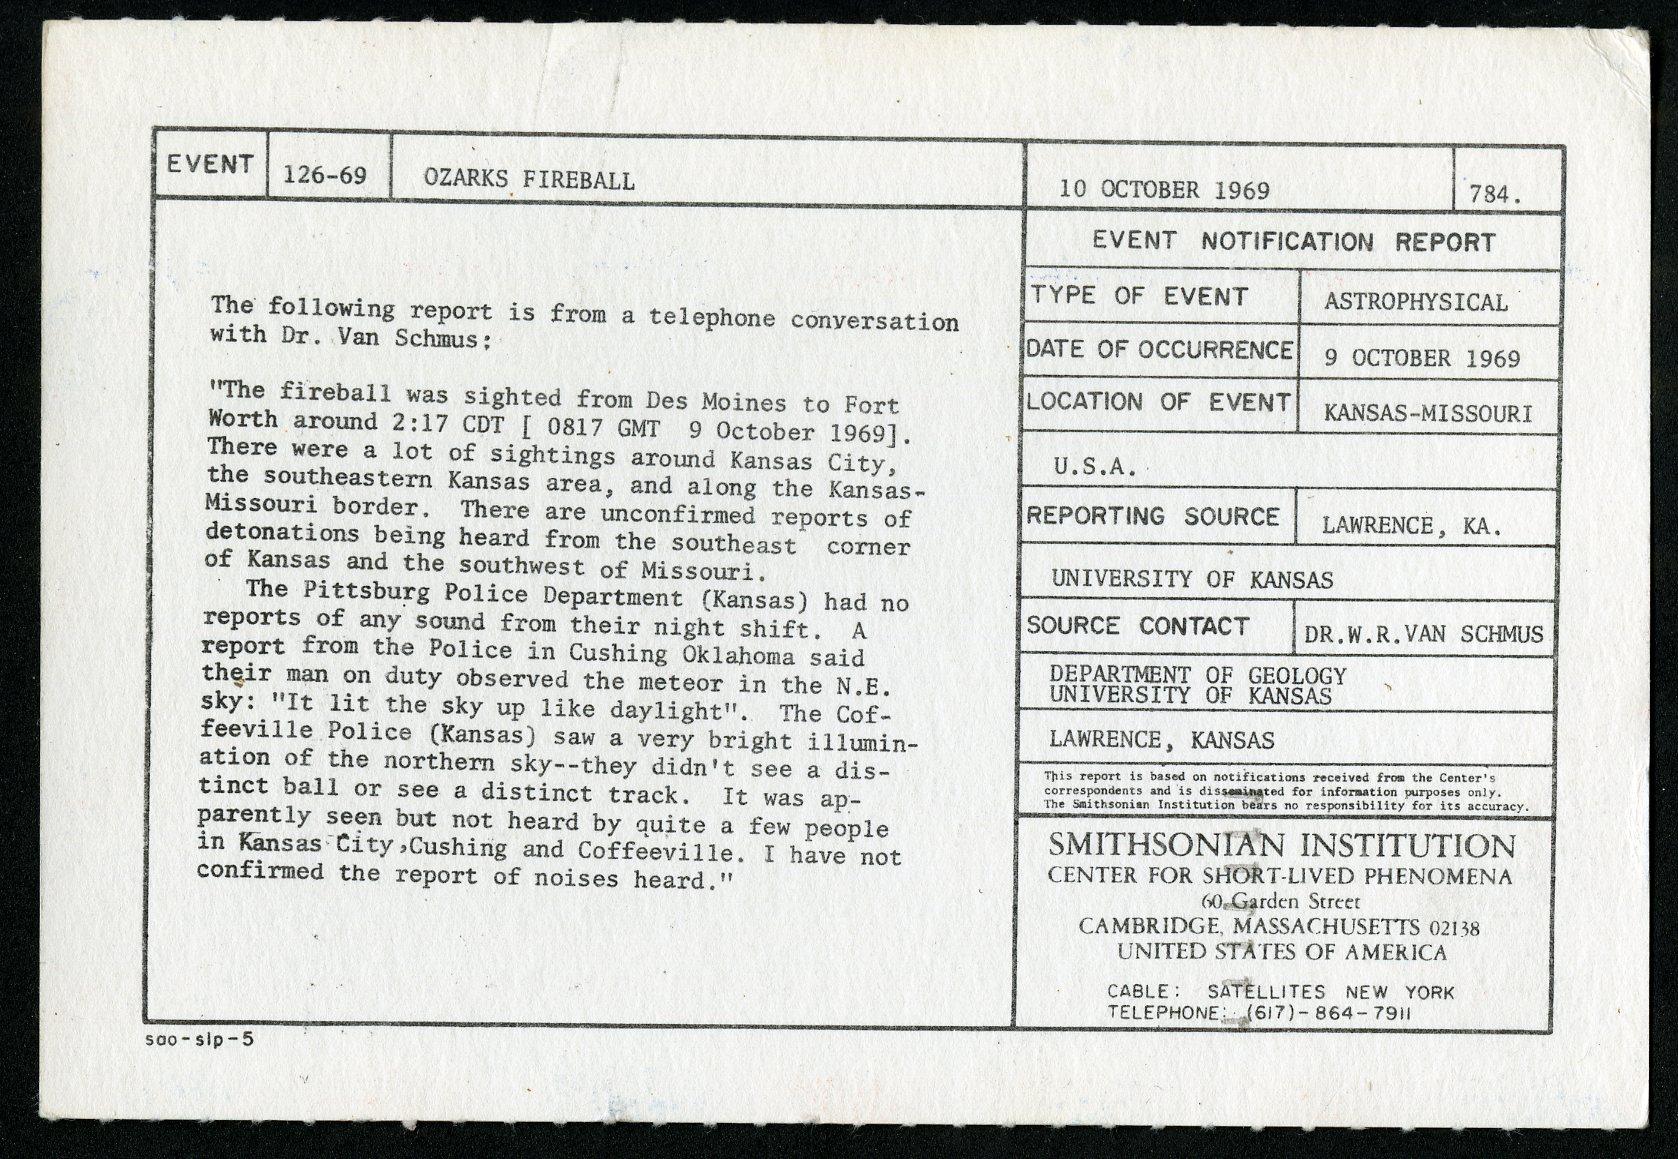 Event card - Ozarks Fireball, October 10, 1969